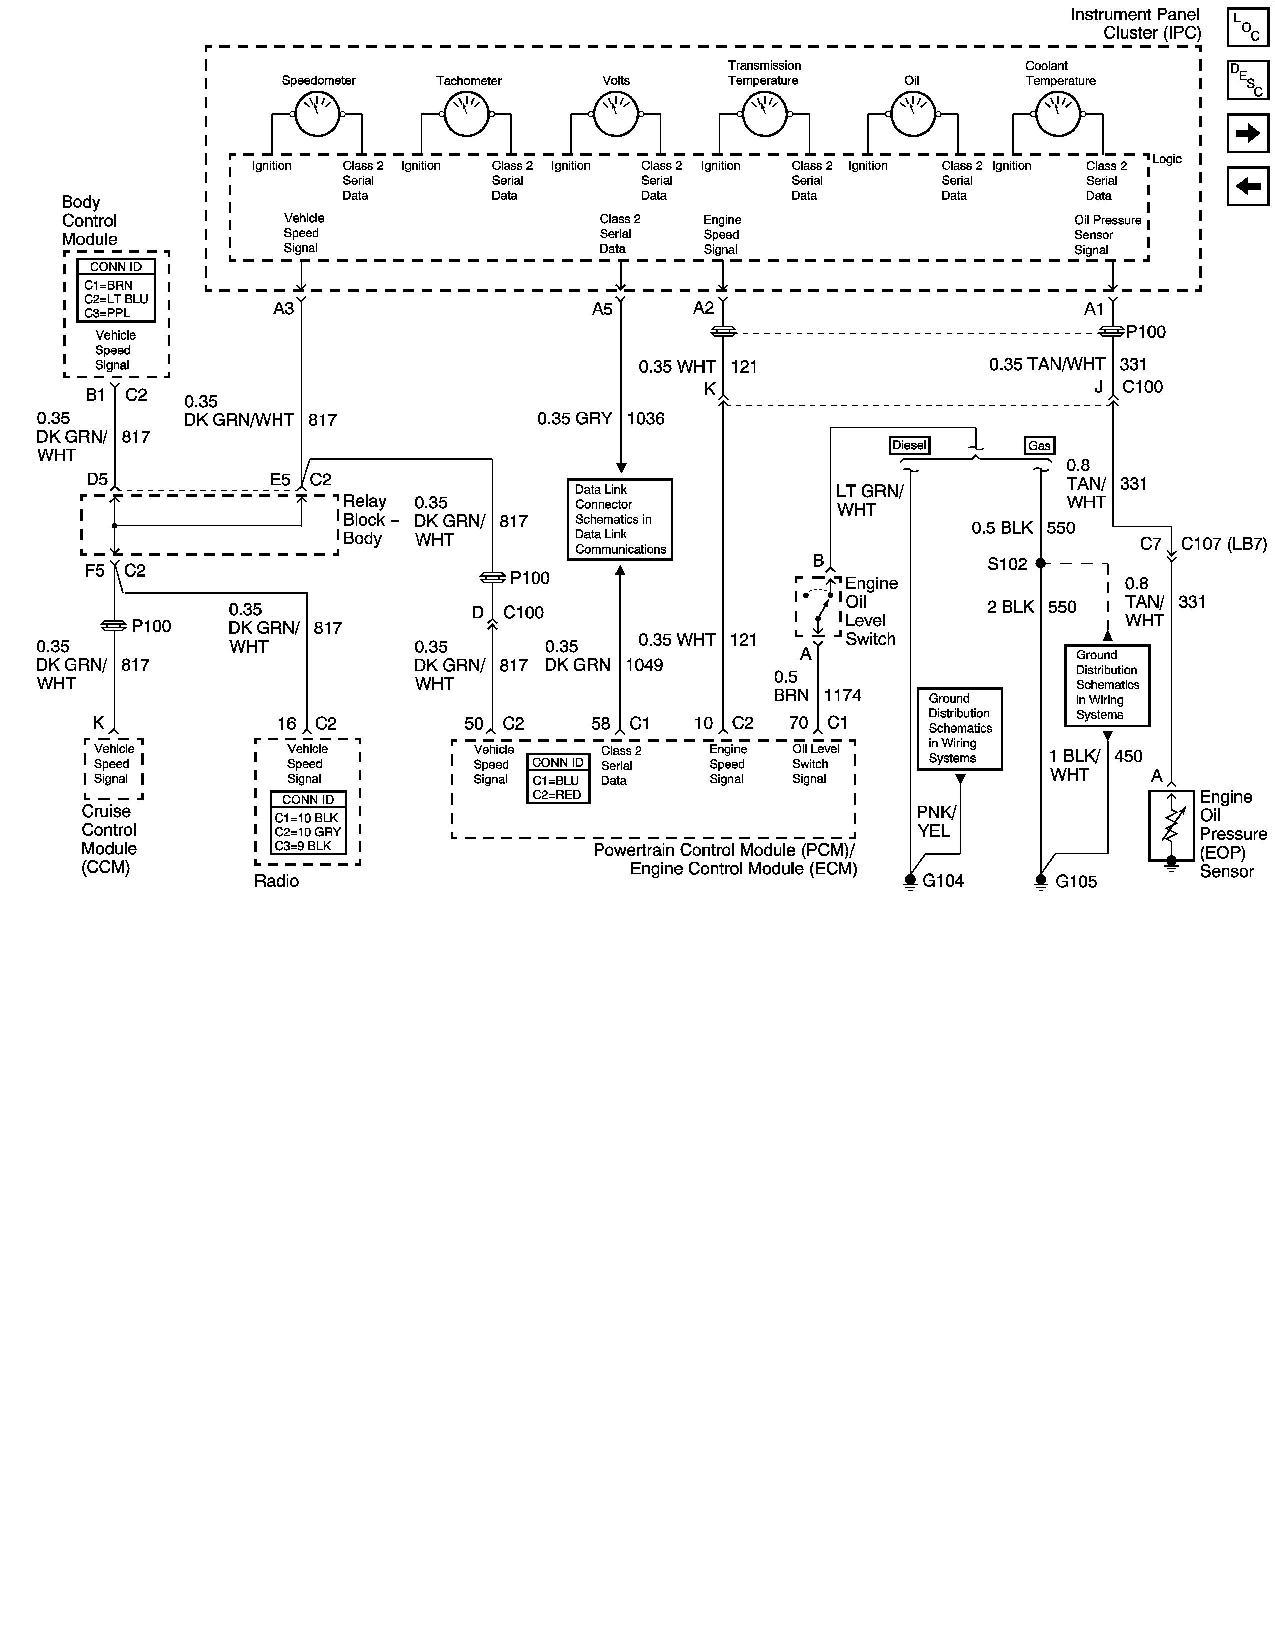 Gm Oil Pressure Sender Wiring Diagram